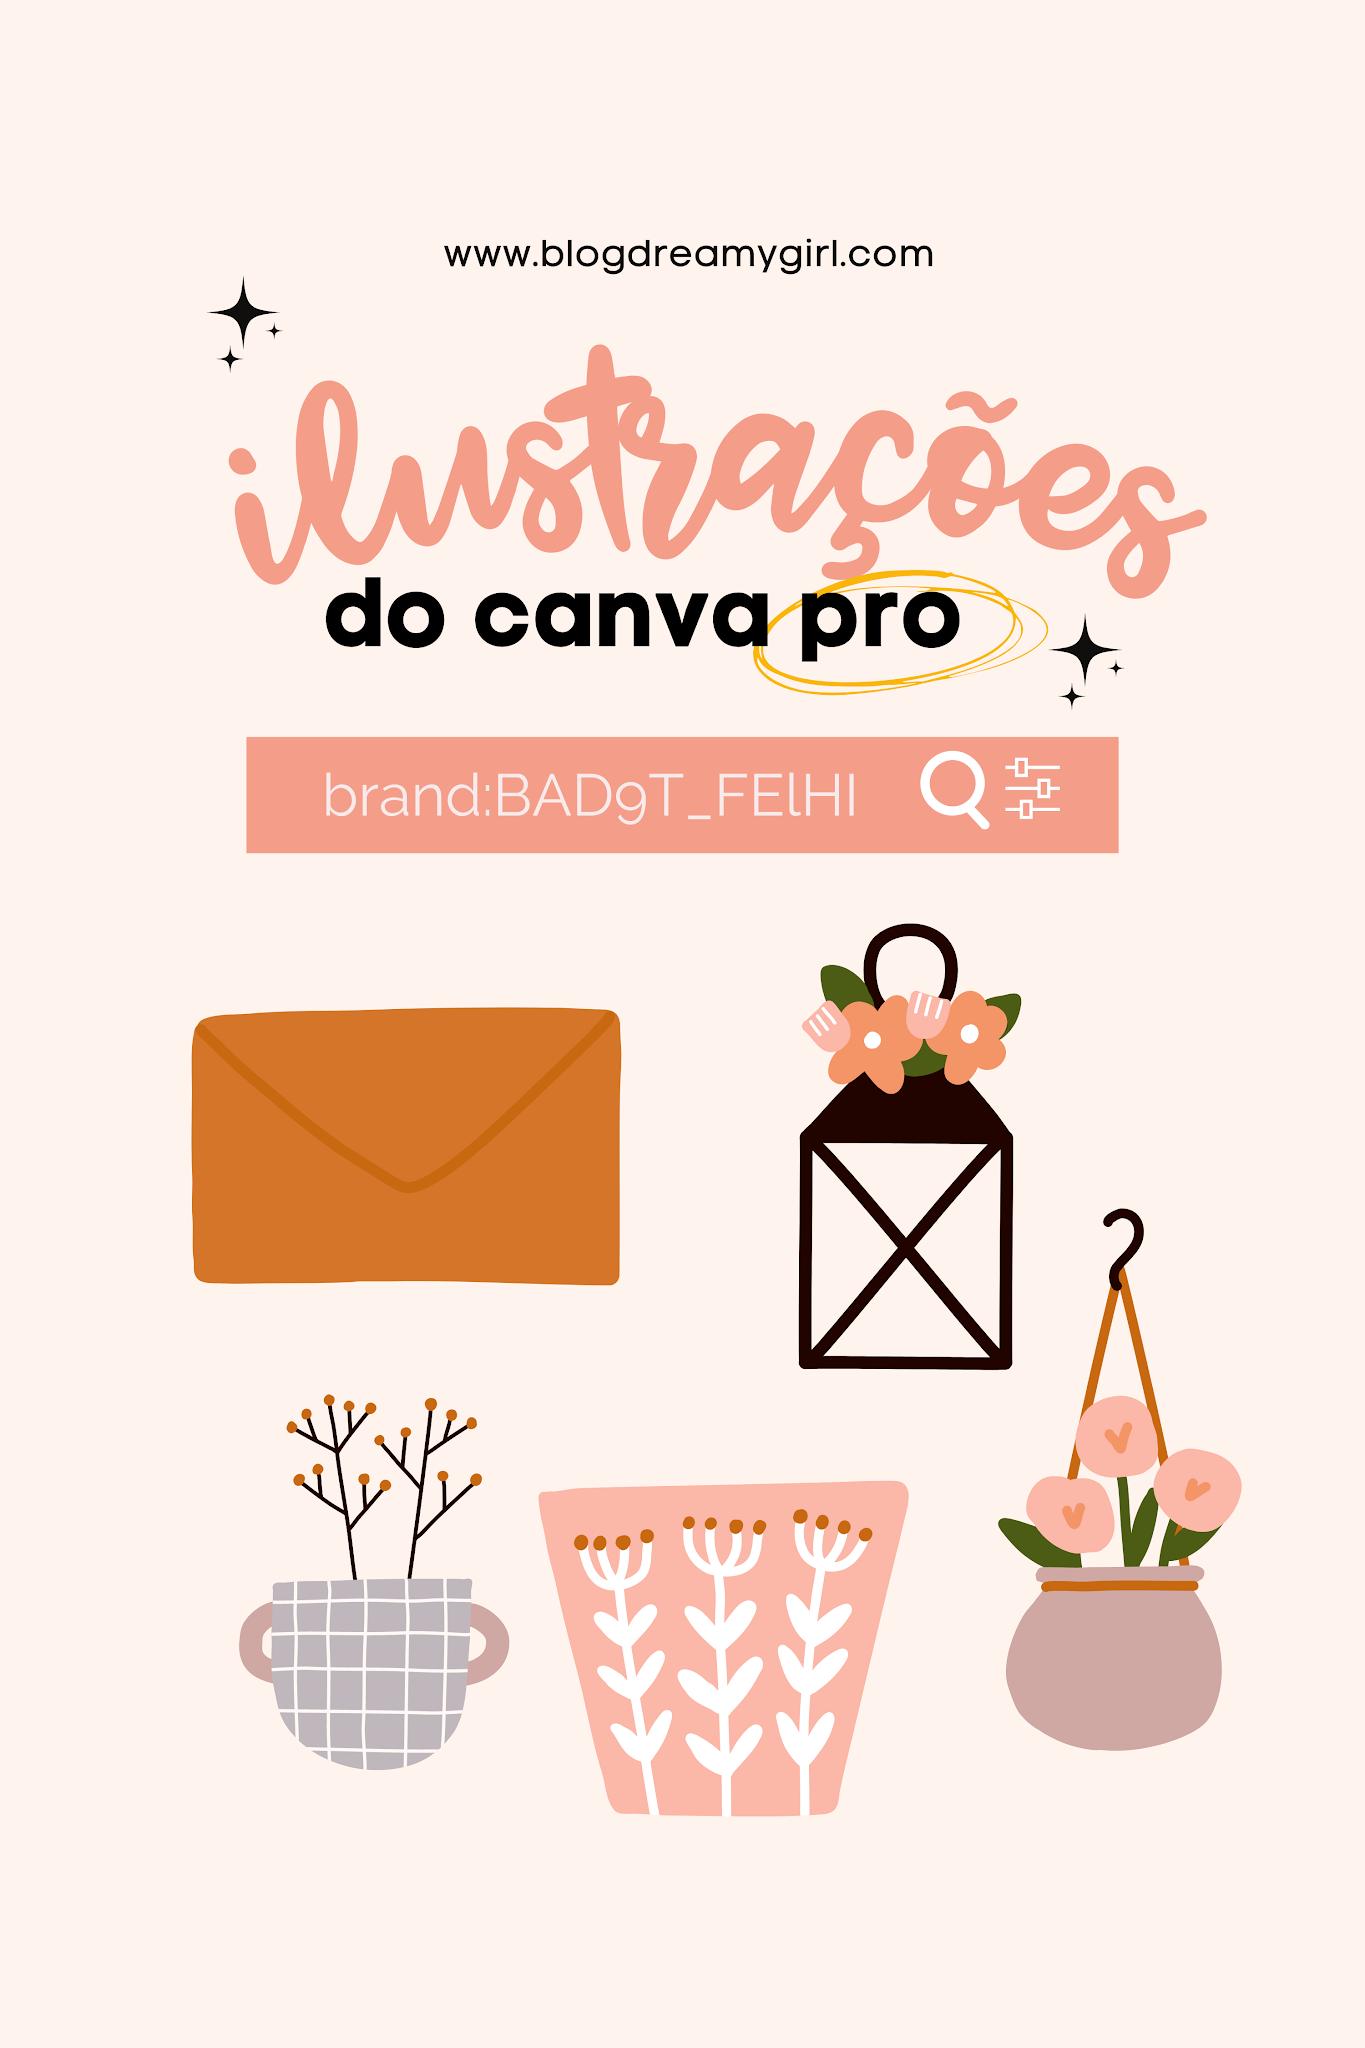 Ilustrações do Canva Pro